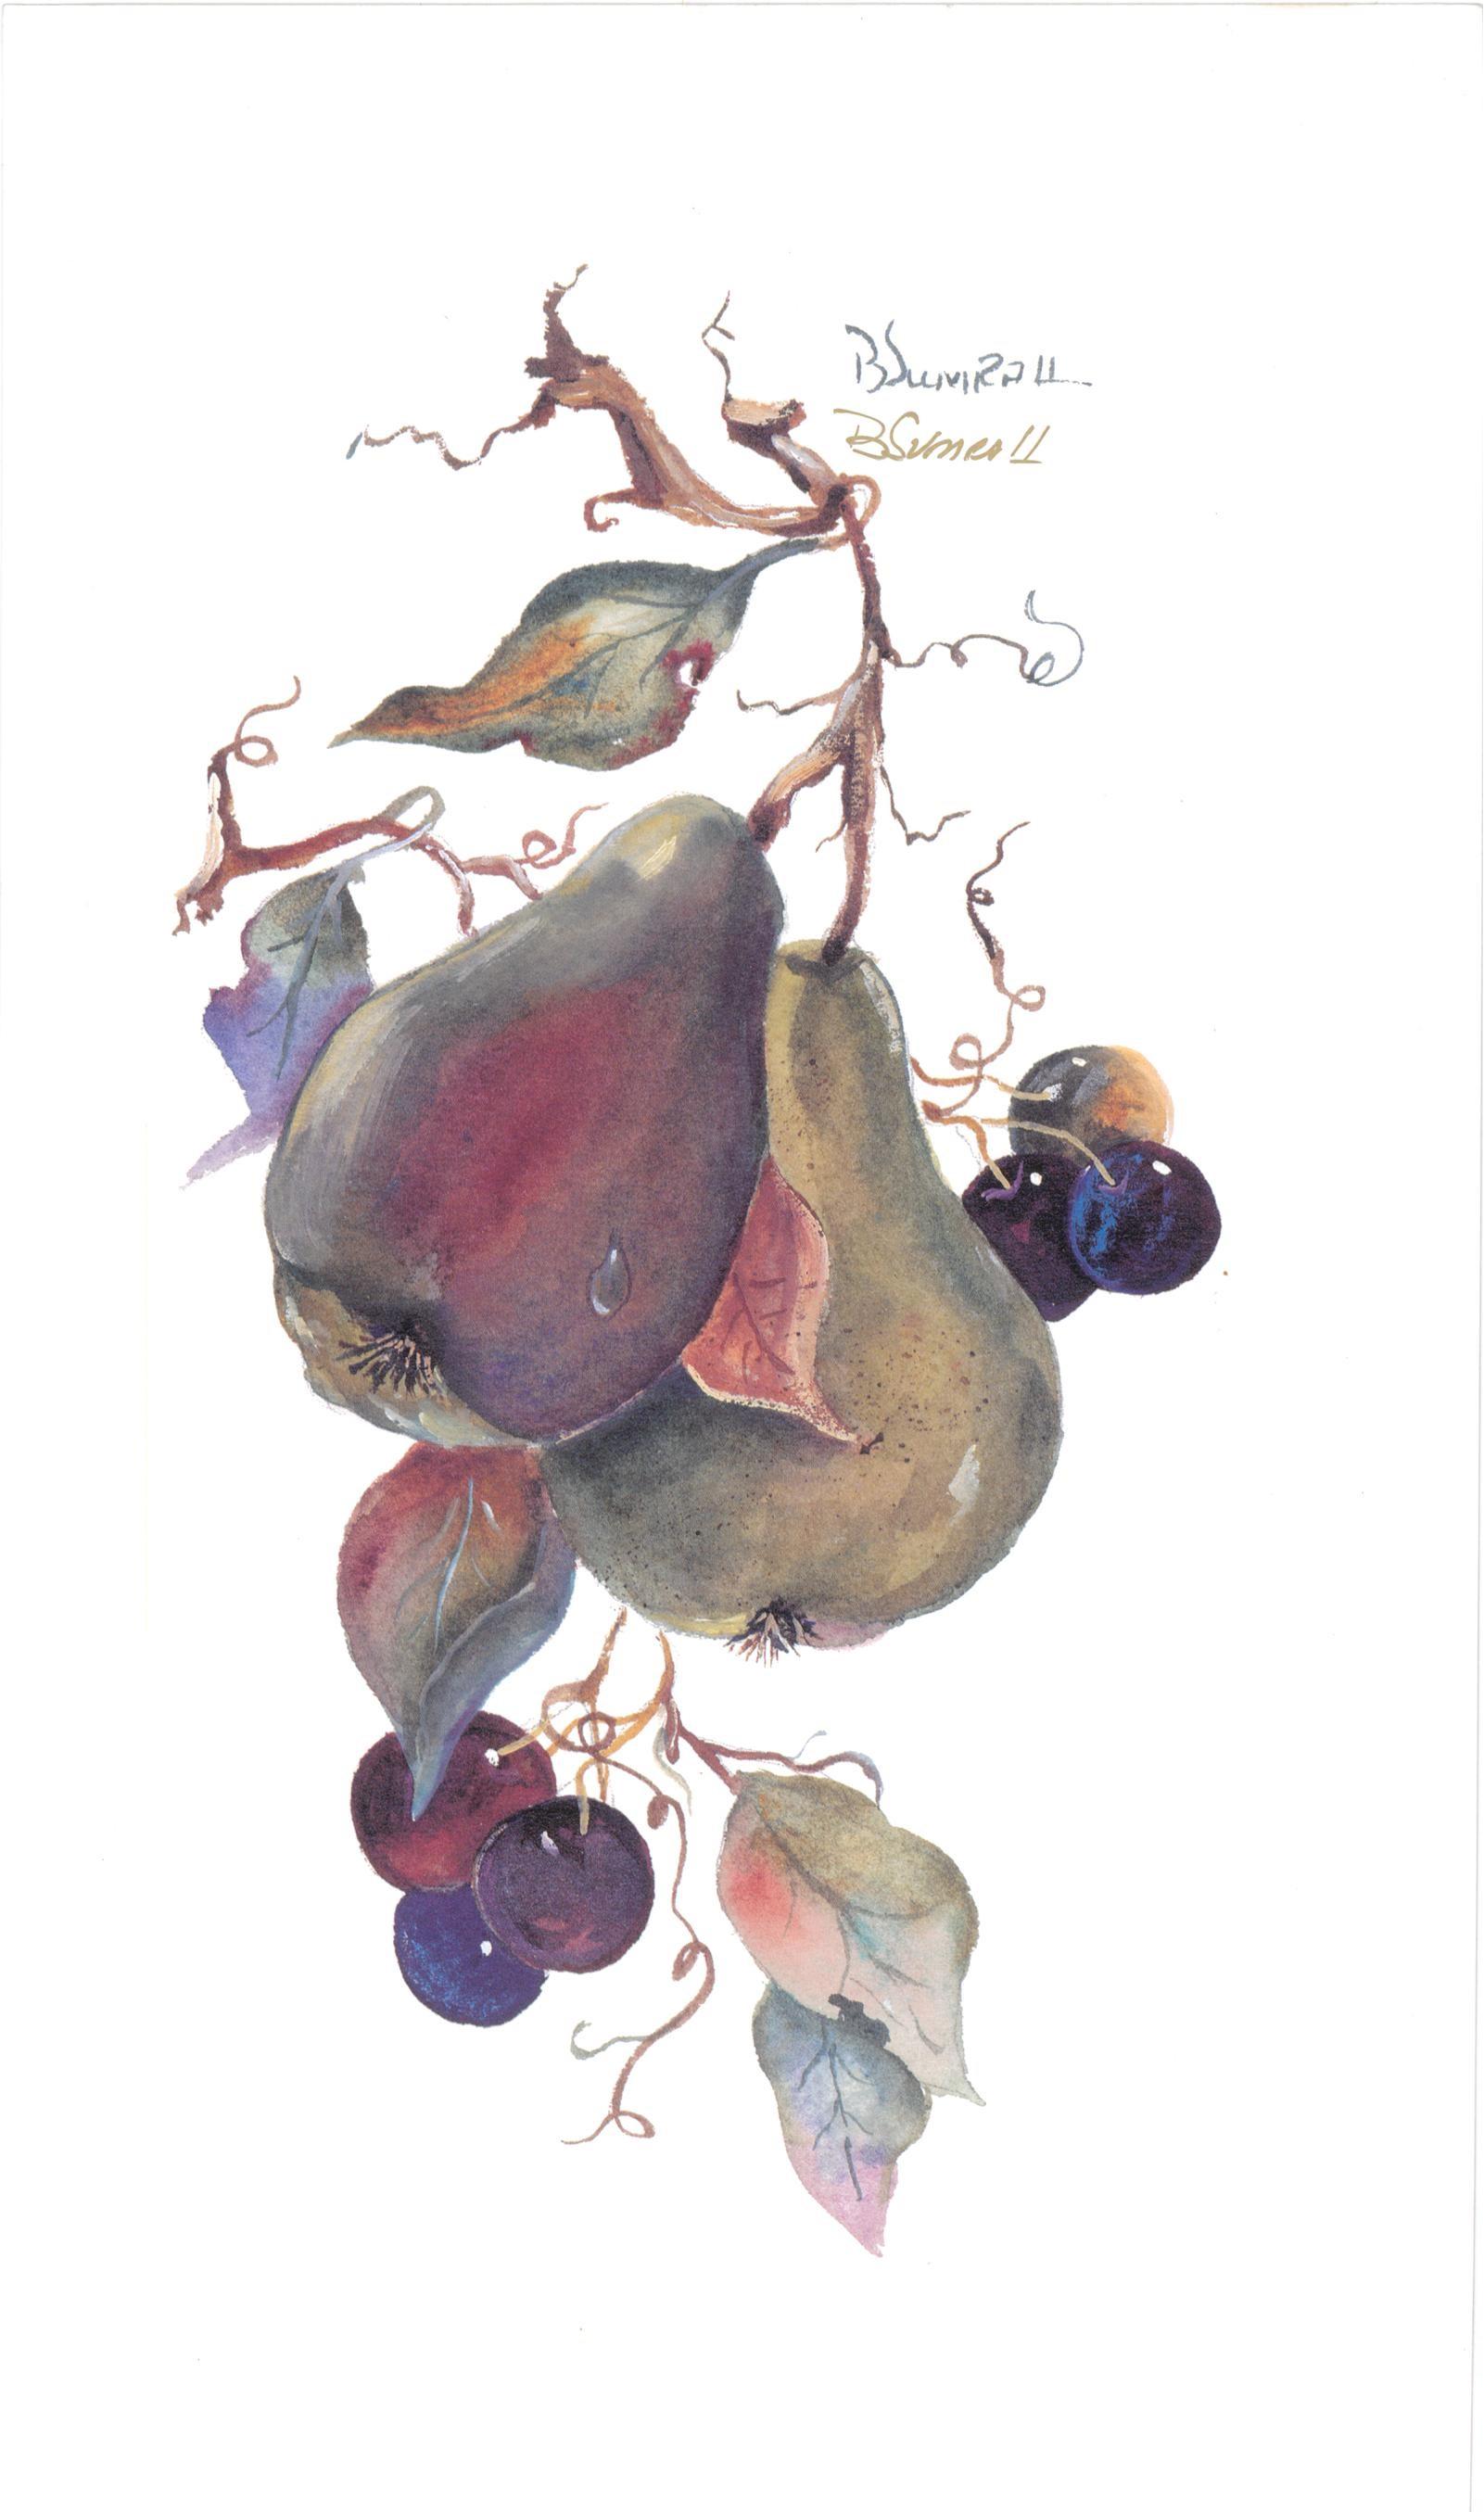 Pears (S) By Sumrall 20.5cm (w) x 34 (h)  Image 20.5cm (w) x 34 (h) Paper.jpg